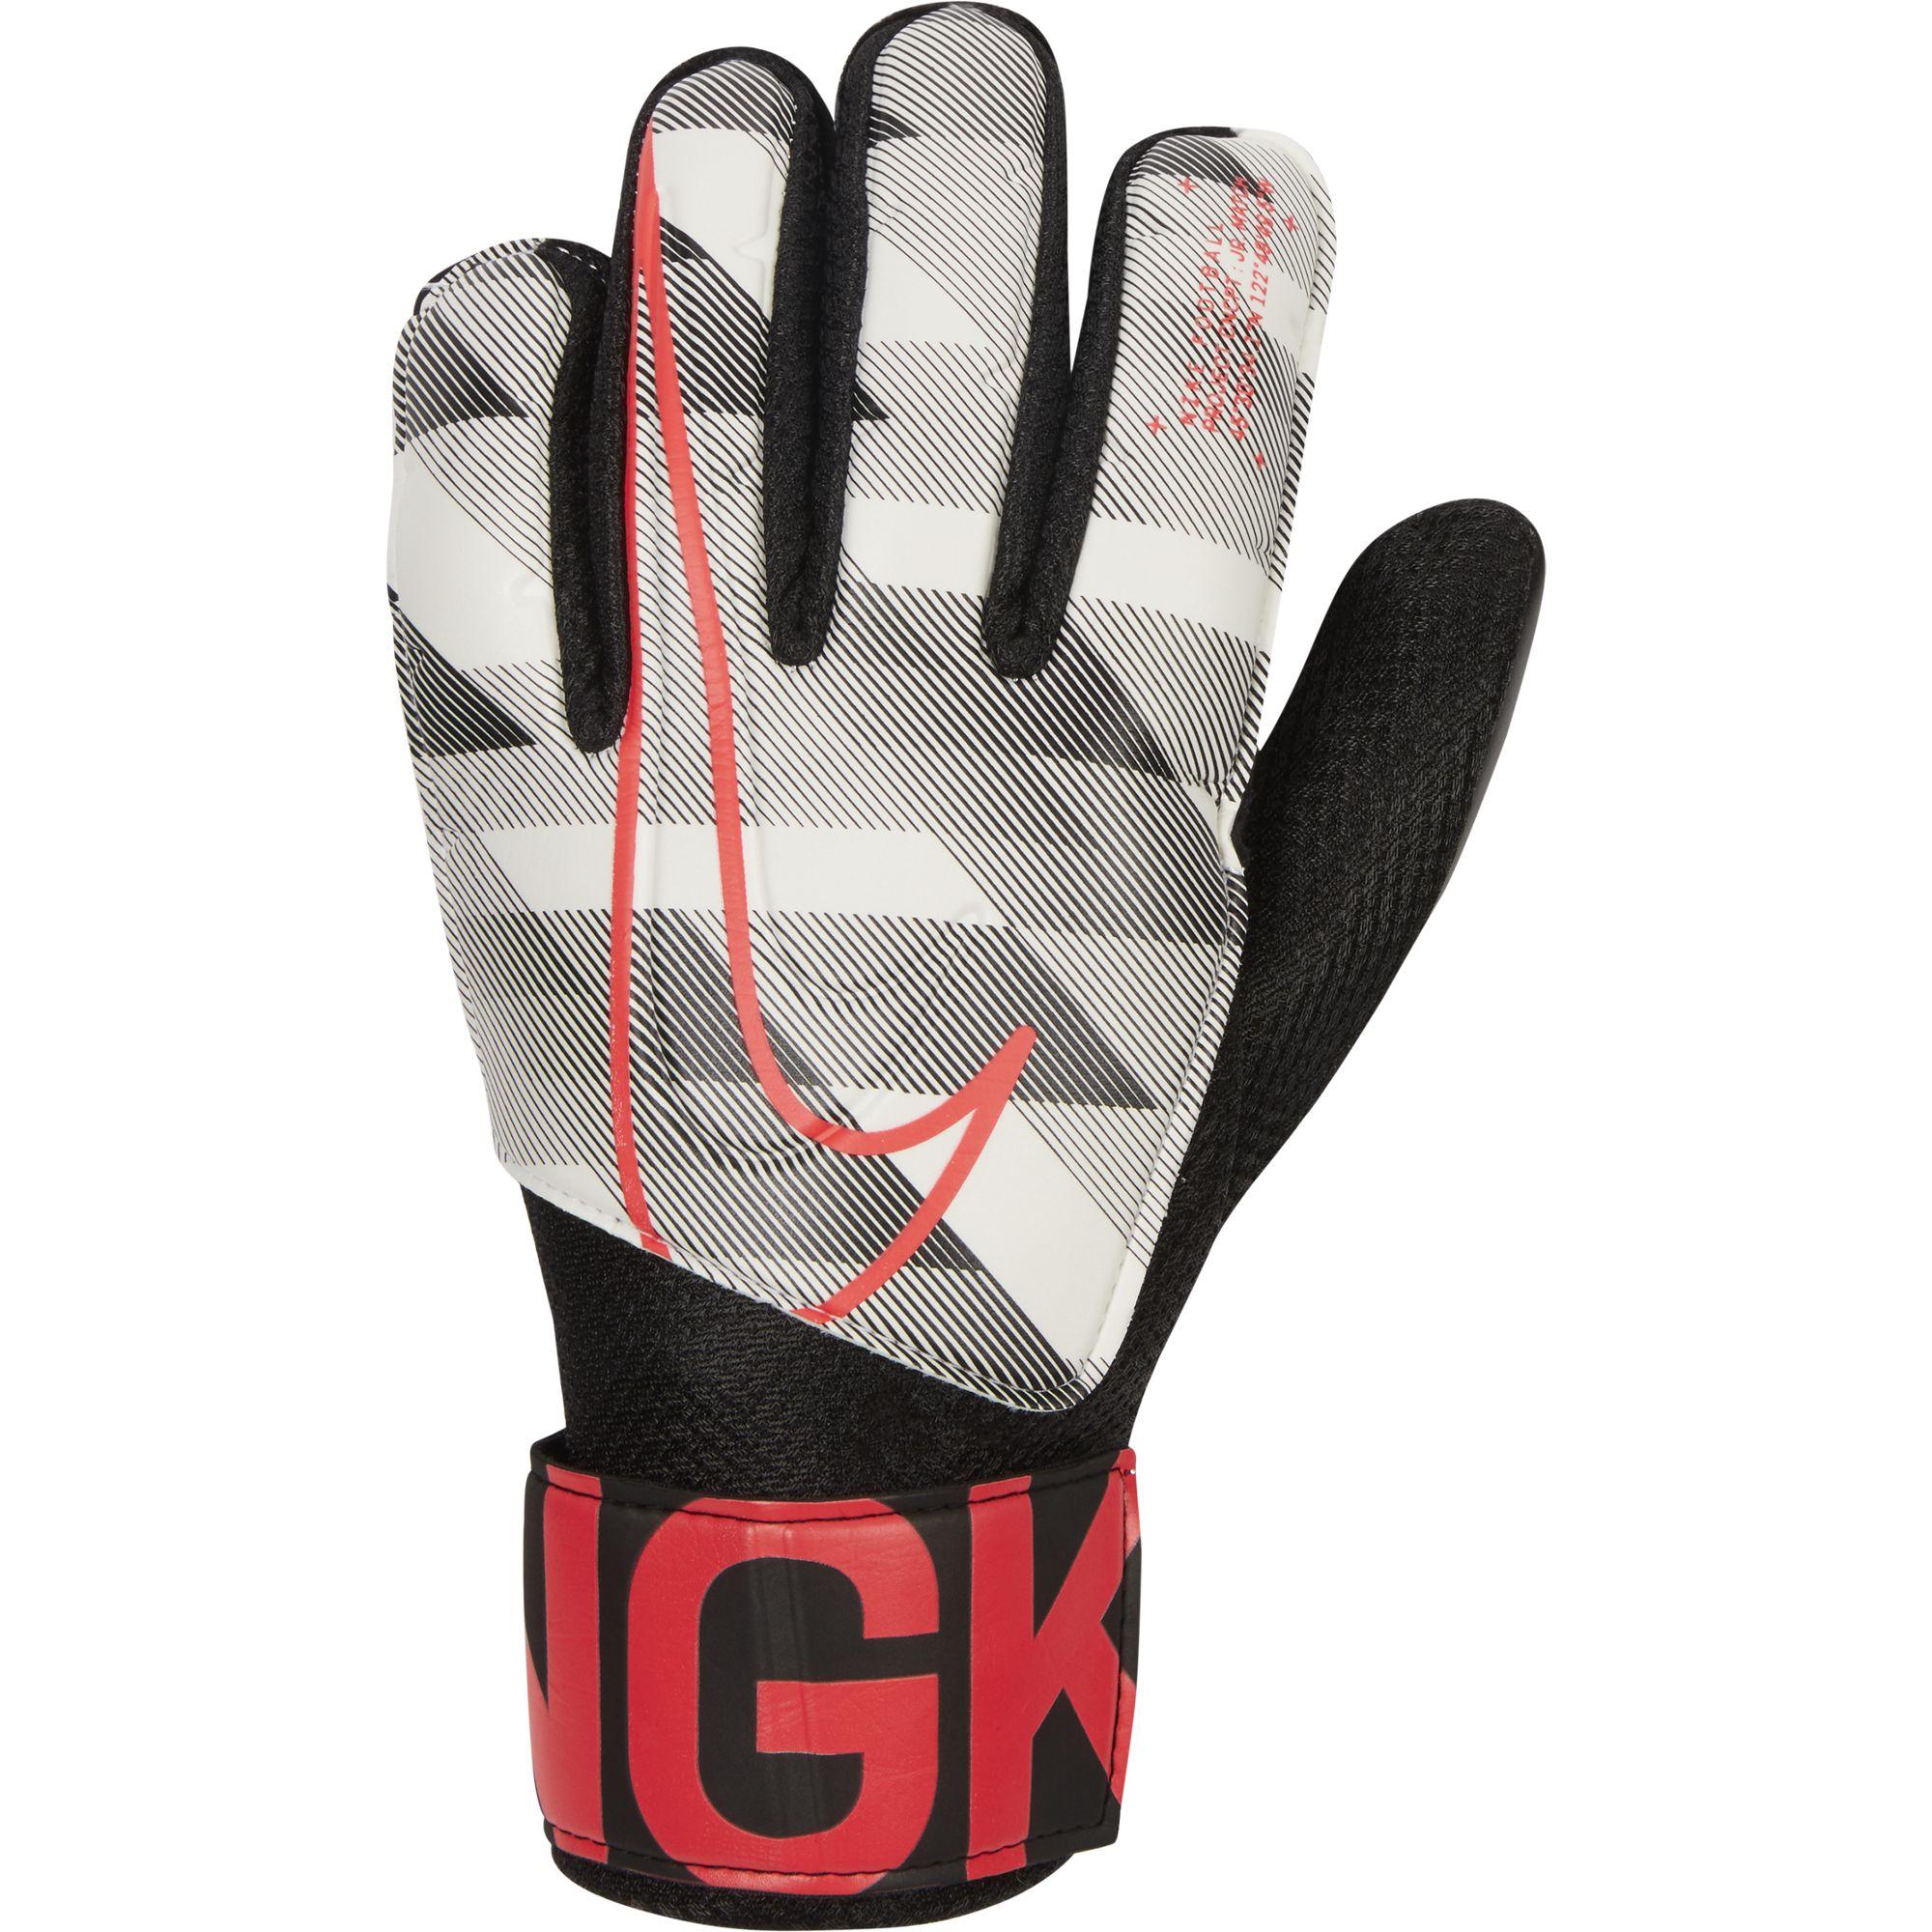 Goalkeeper Junior Match Goalie Glove, White/Black, swatch